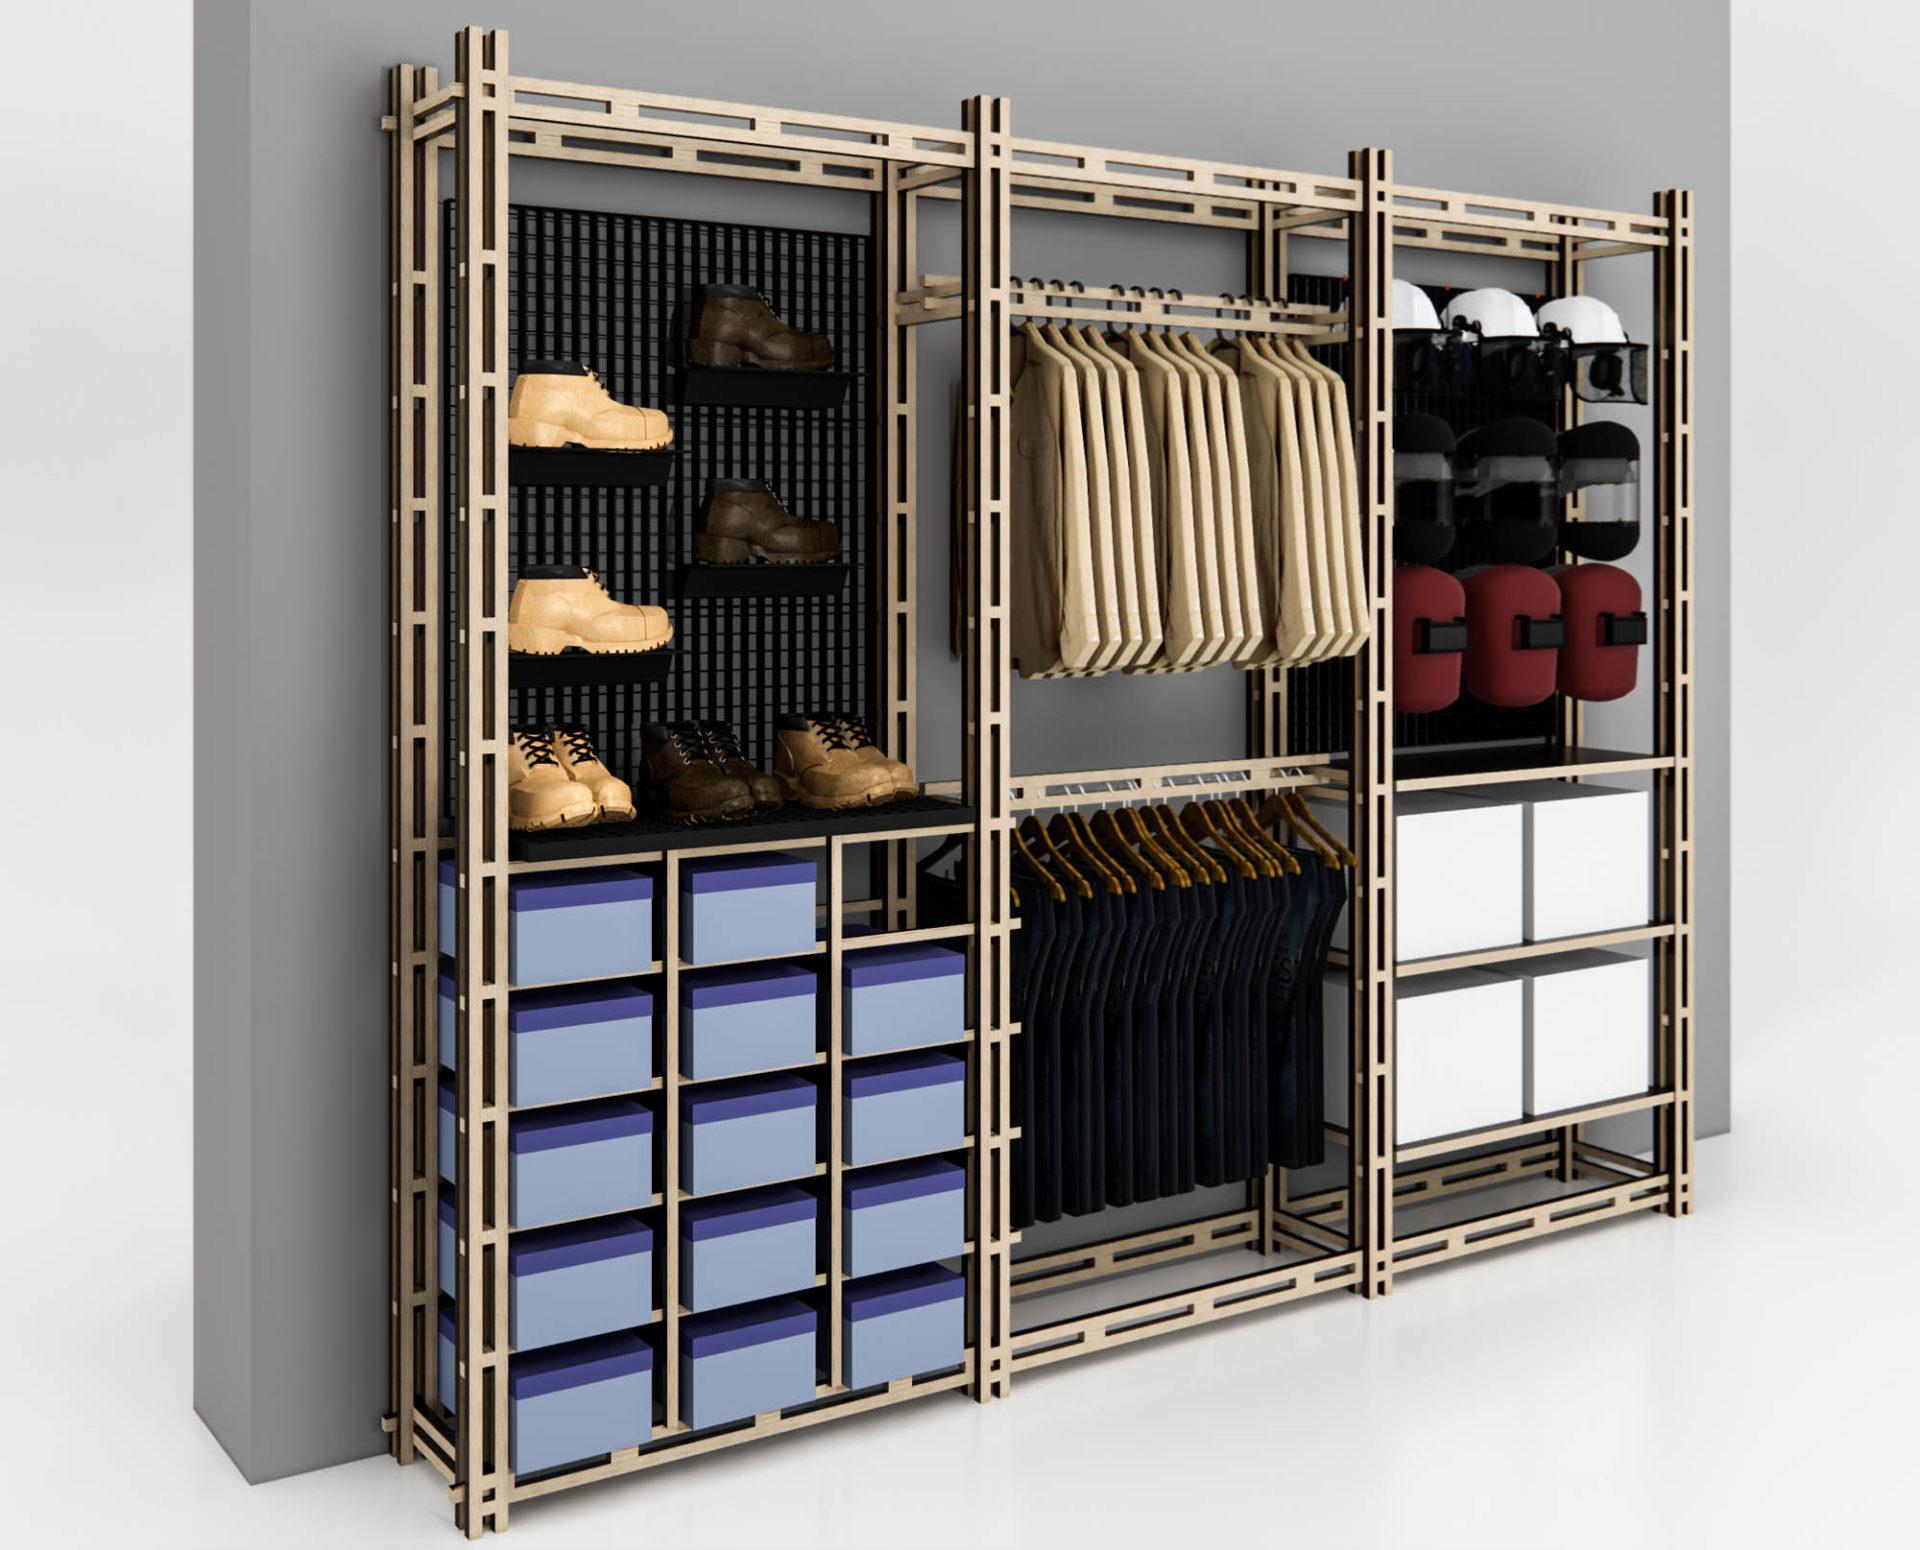 Regálový systém, policový systém, modulární, produktový design, instore